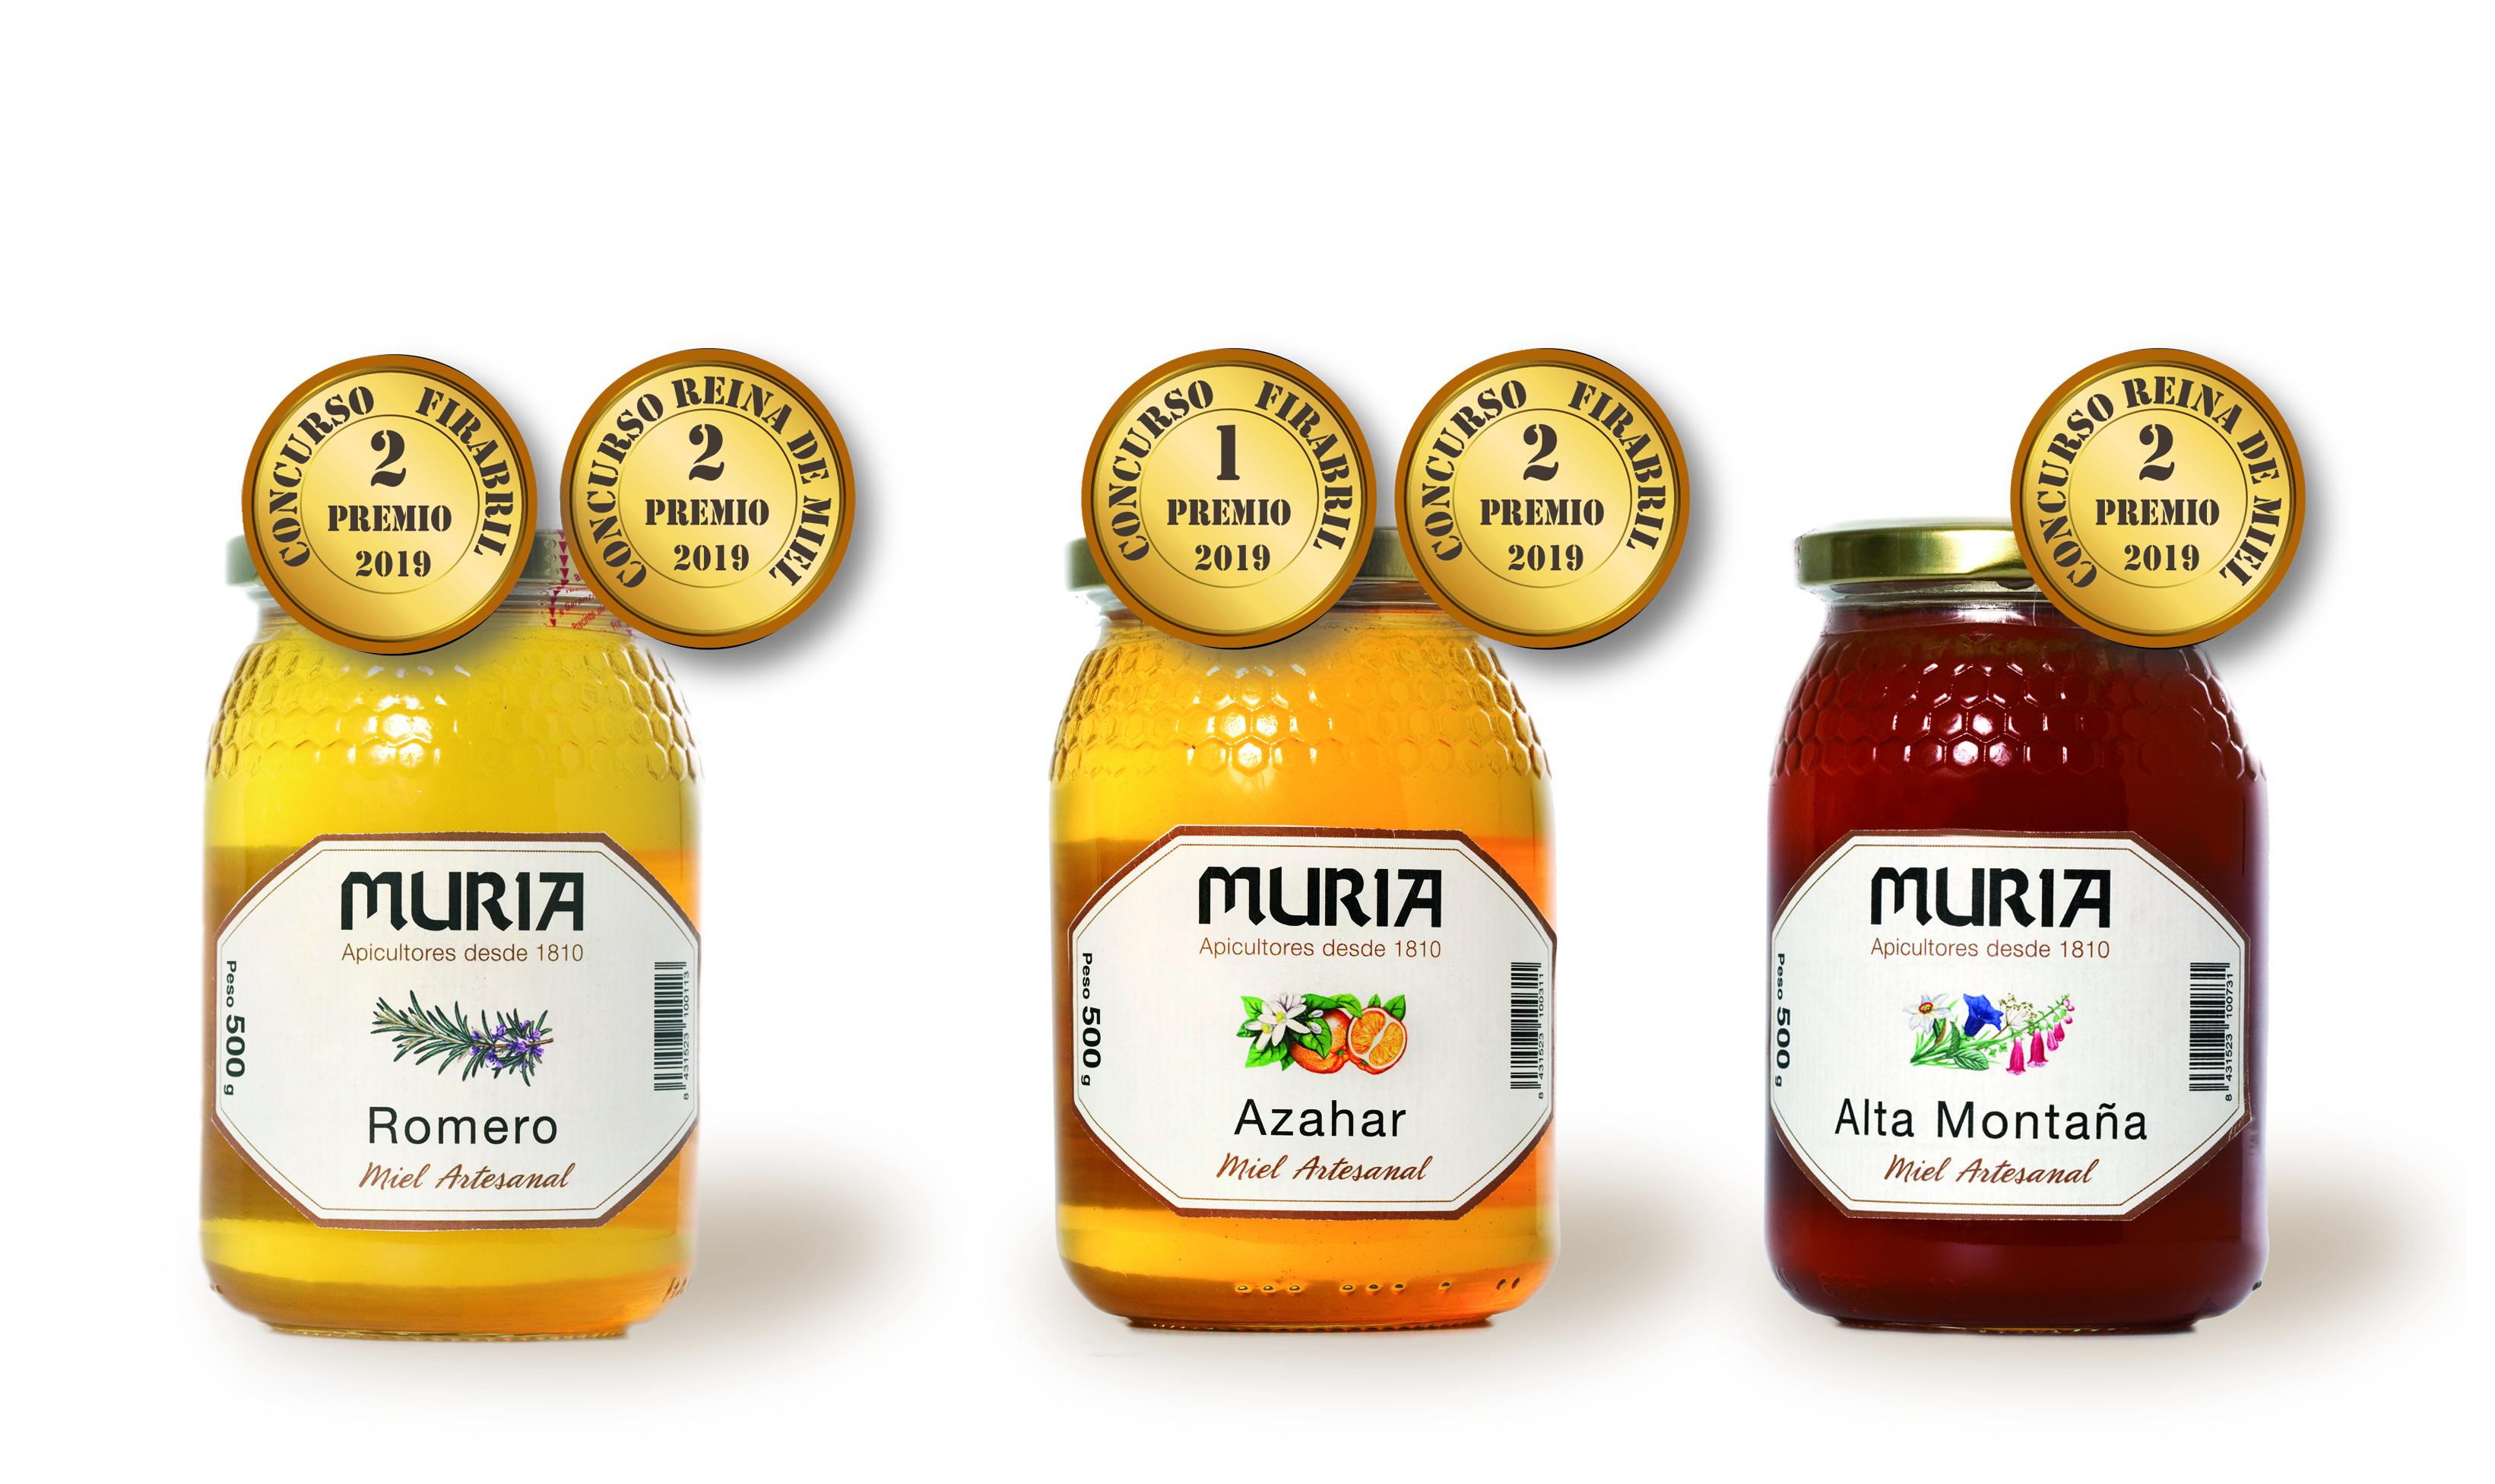 El concurso 'Reina de las Mieles' de Fira Q Balaguer premia dos variedades de Miel Muria